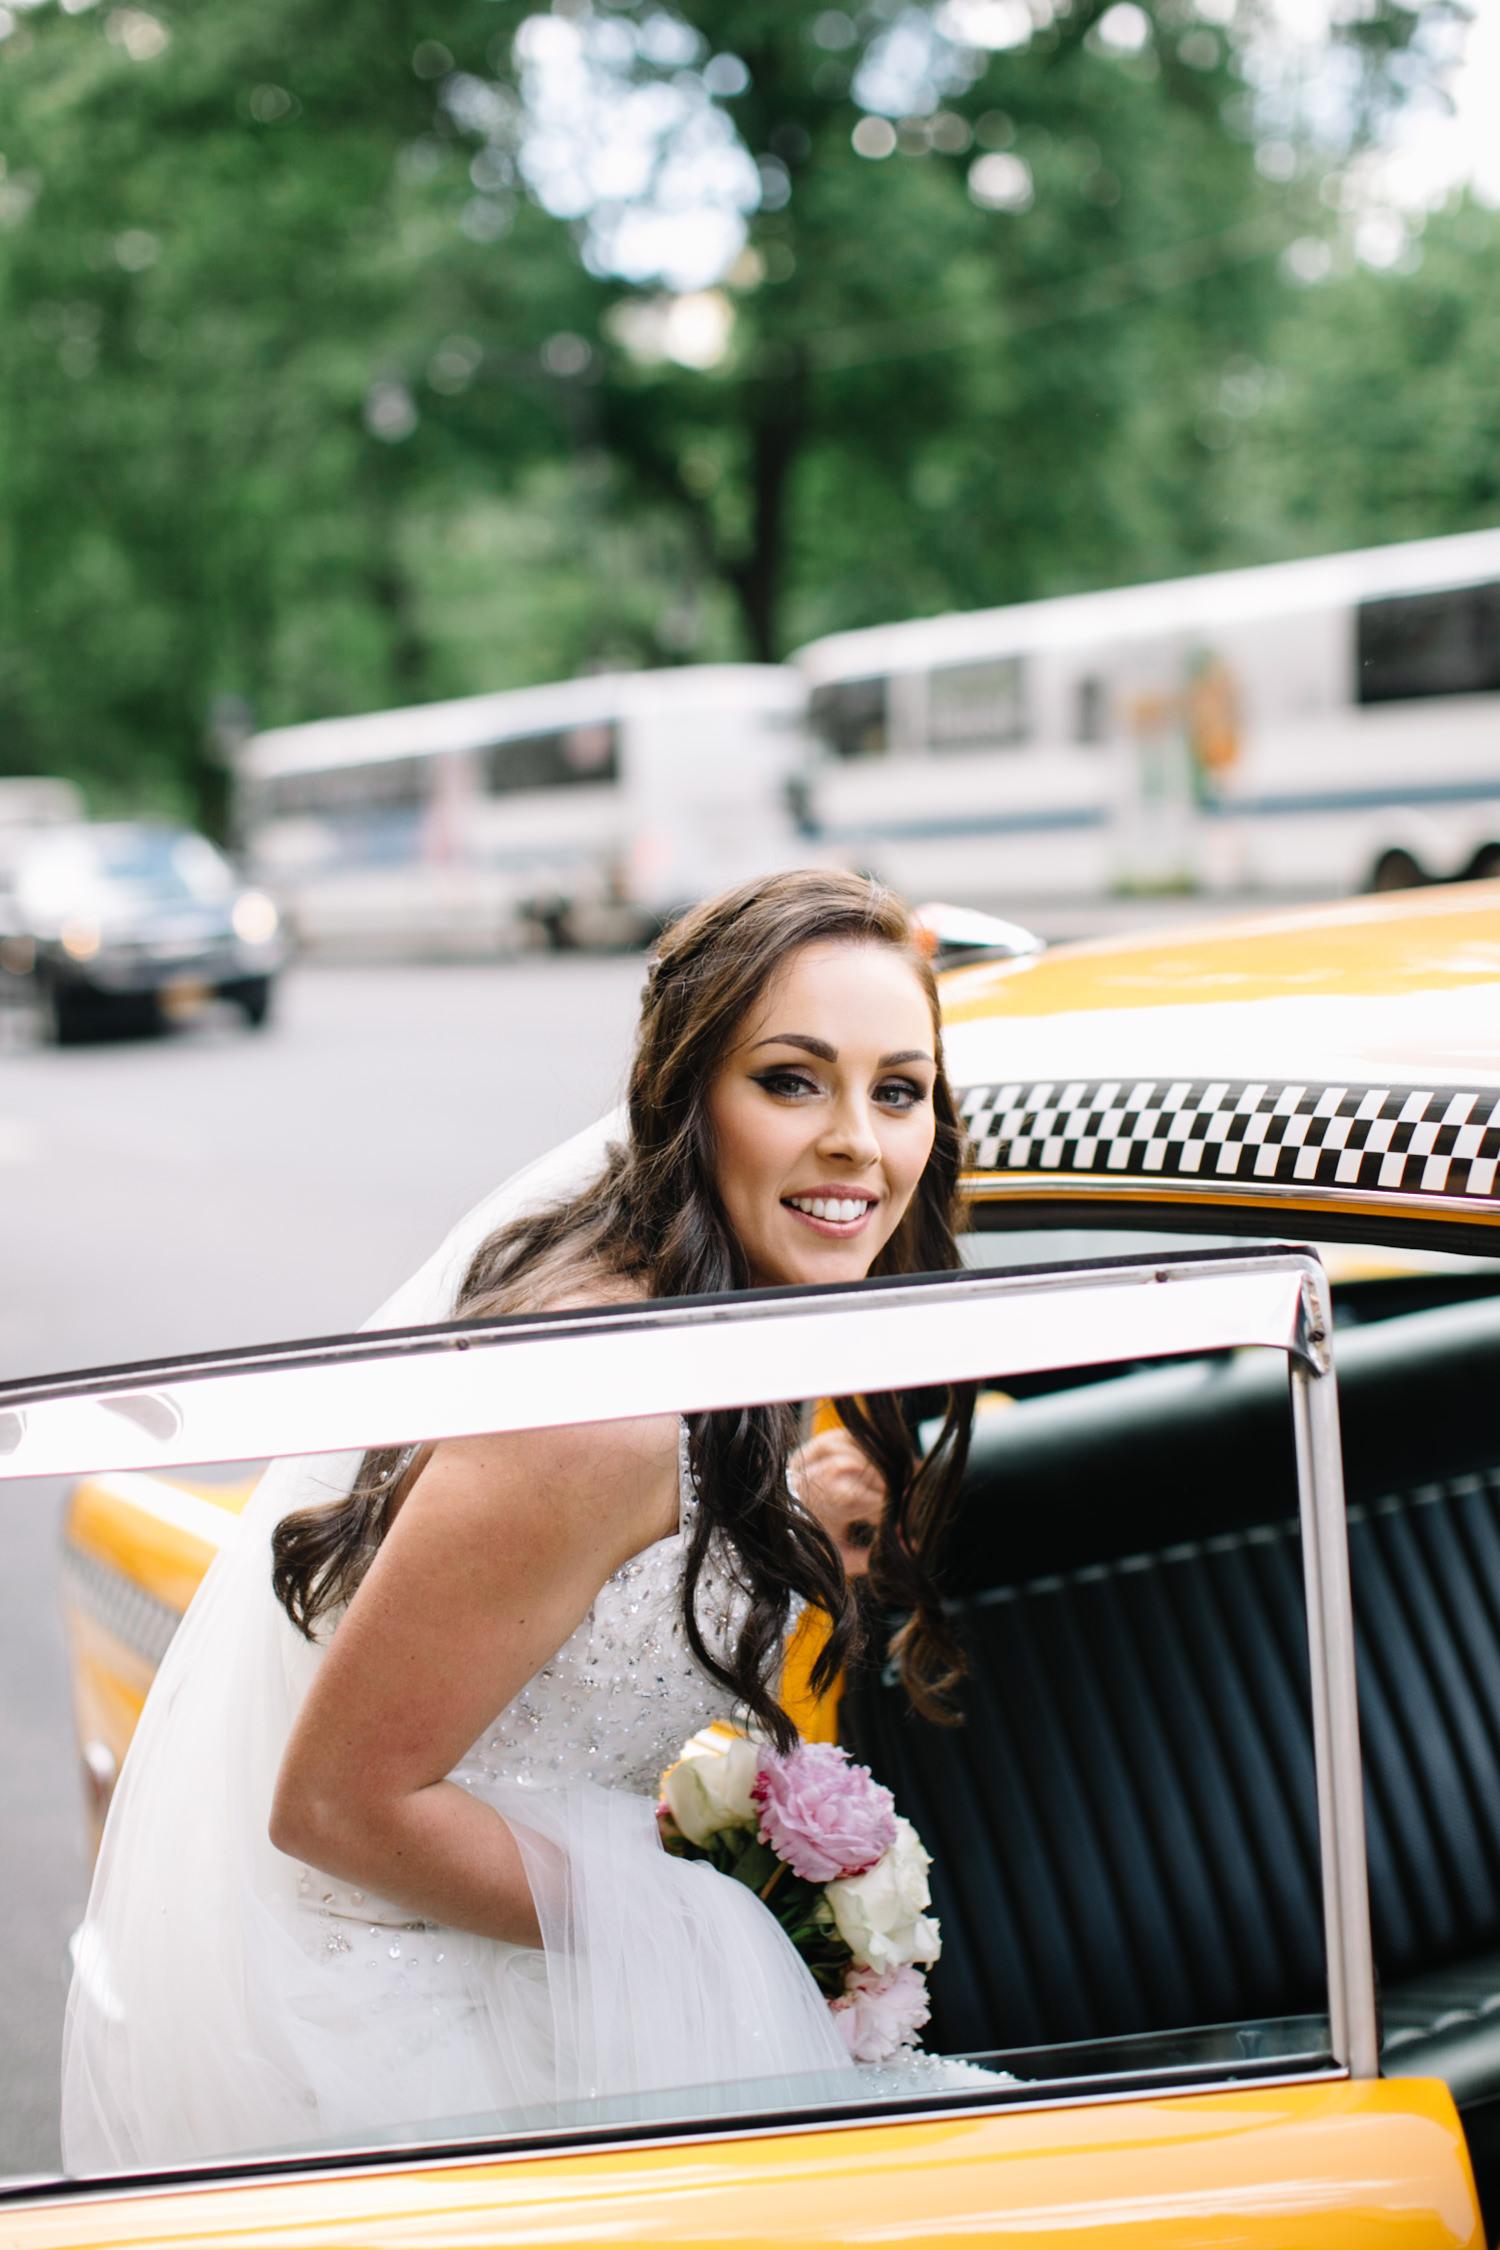 Central-park-cop-cot-wedding-A&M-81.jpg